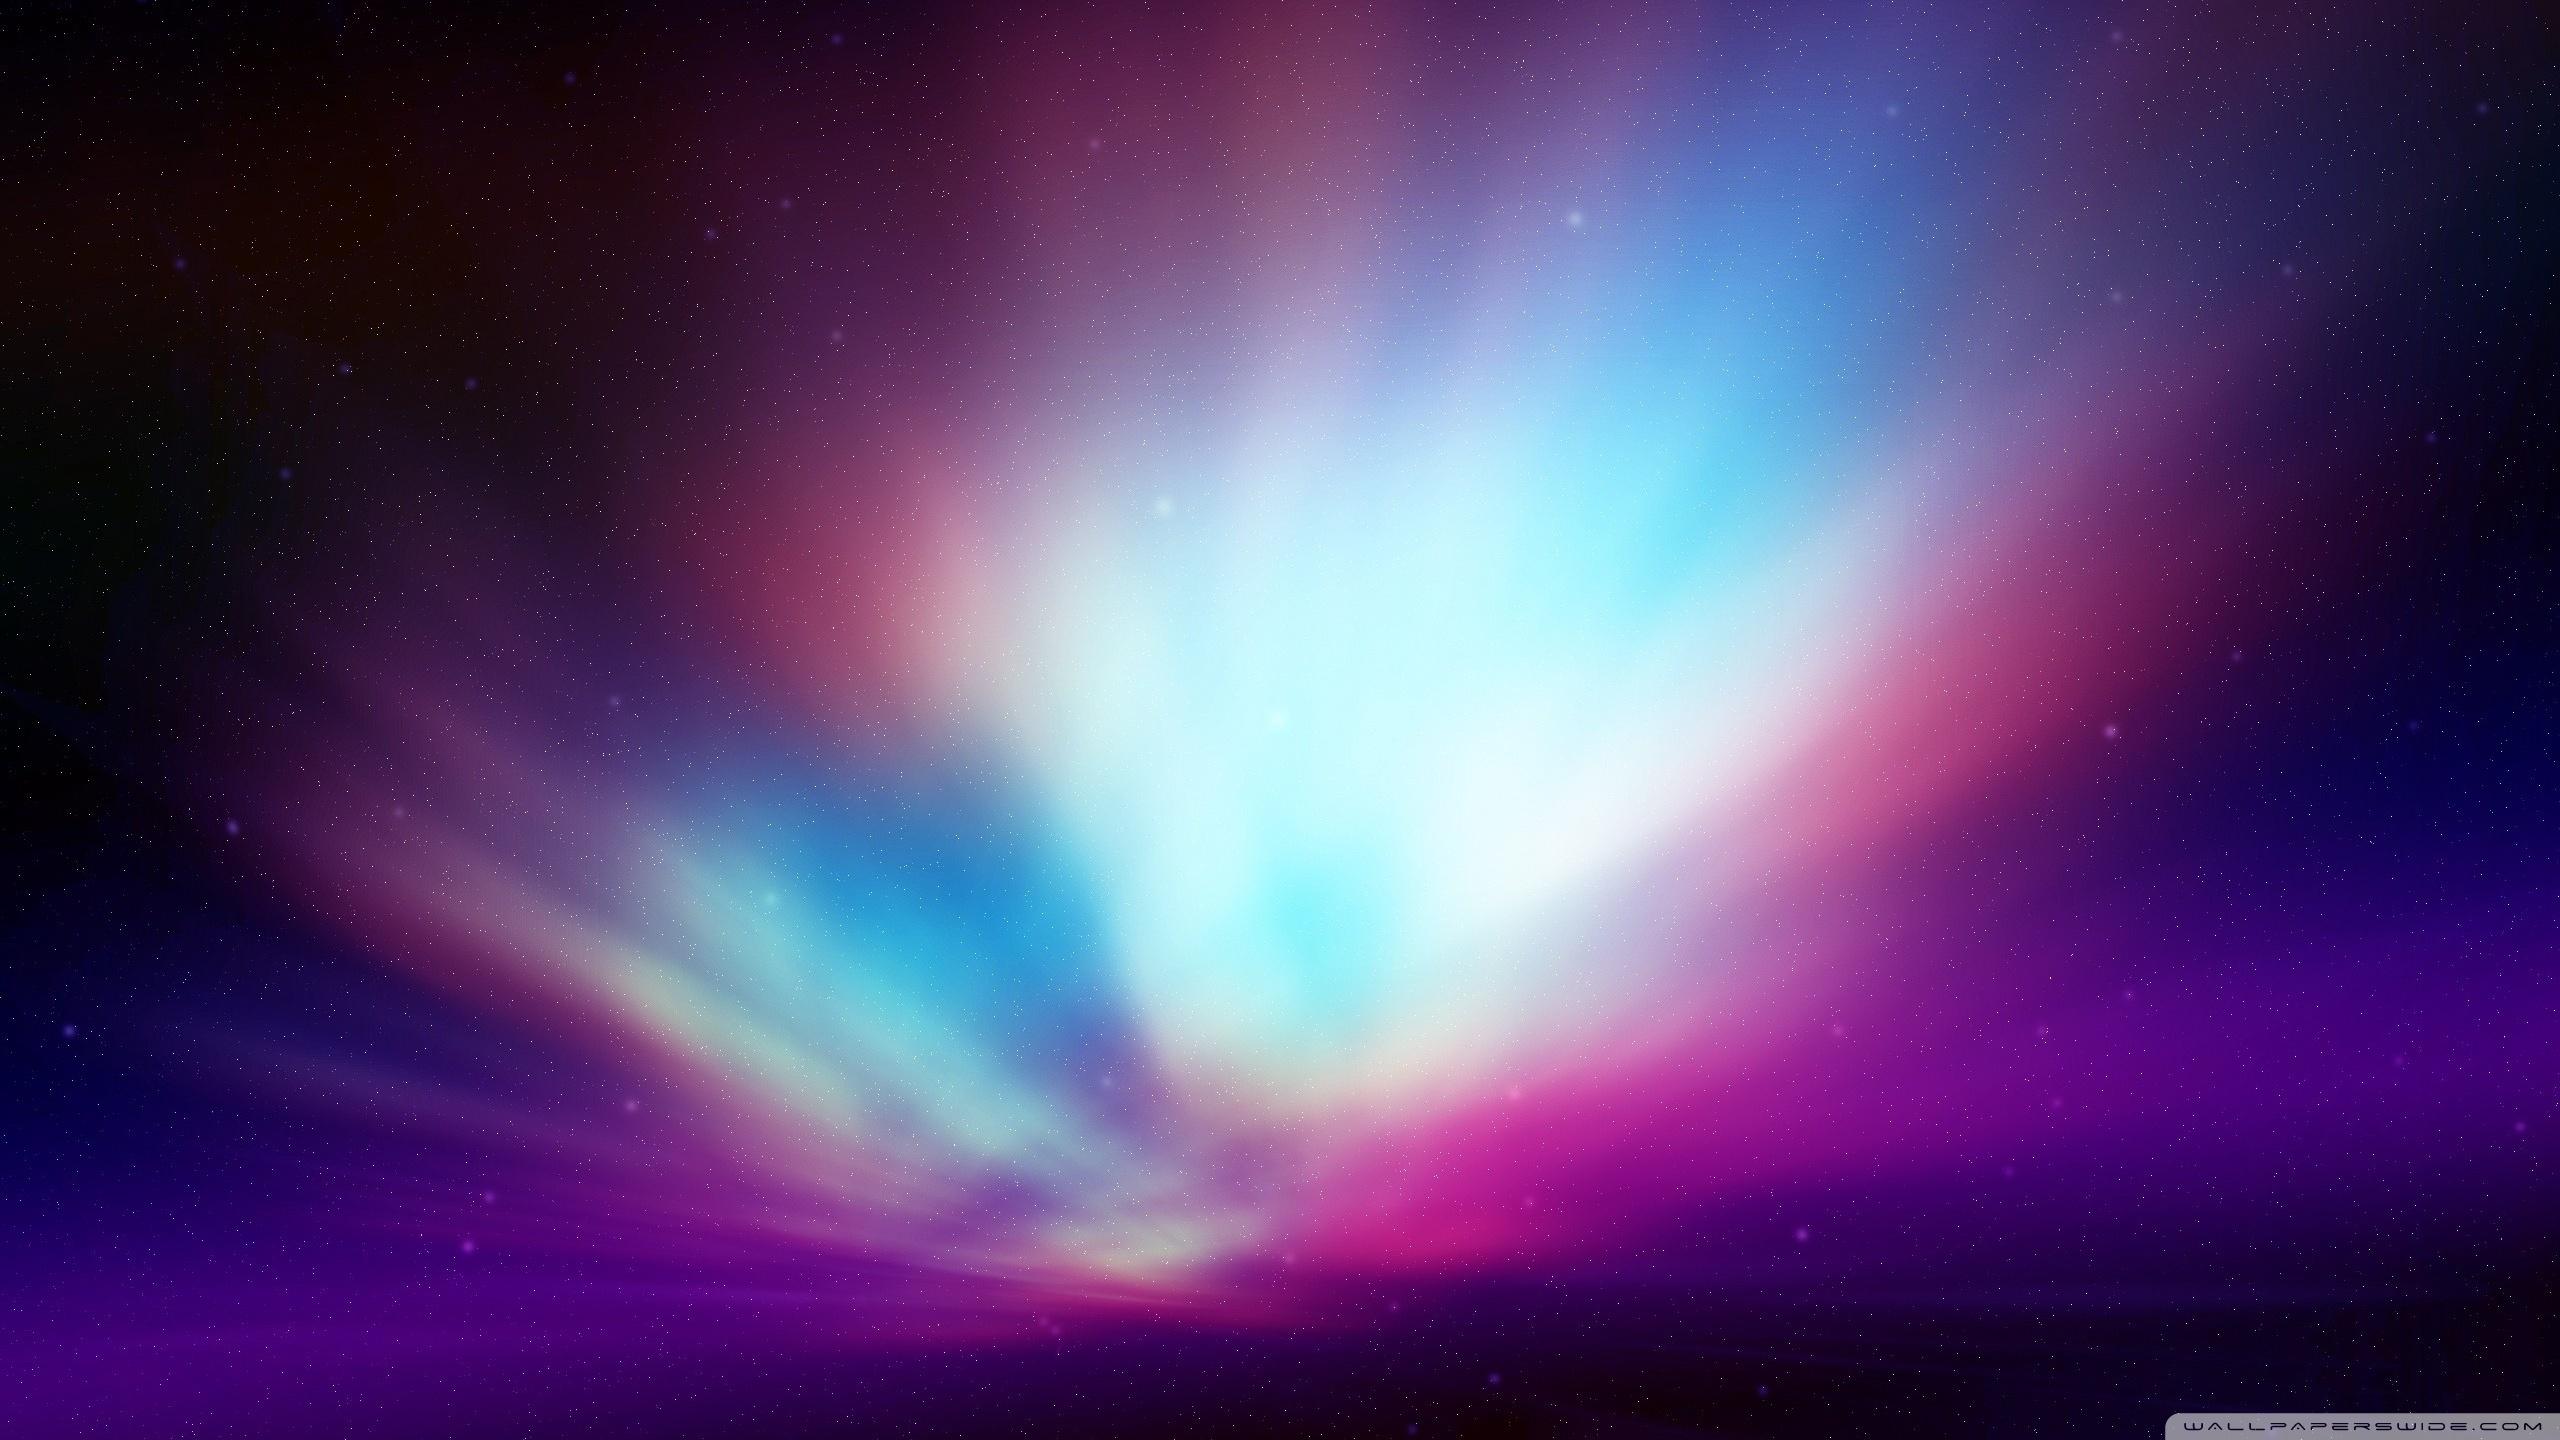 macbook air wallpaper wallpapers screensaver 2560x1440 2560x1440